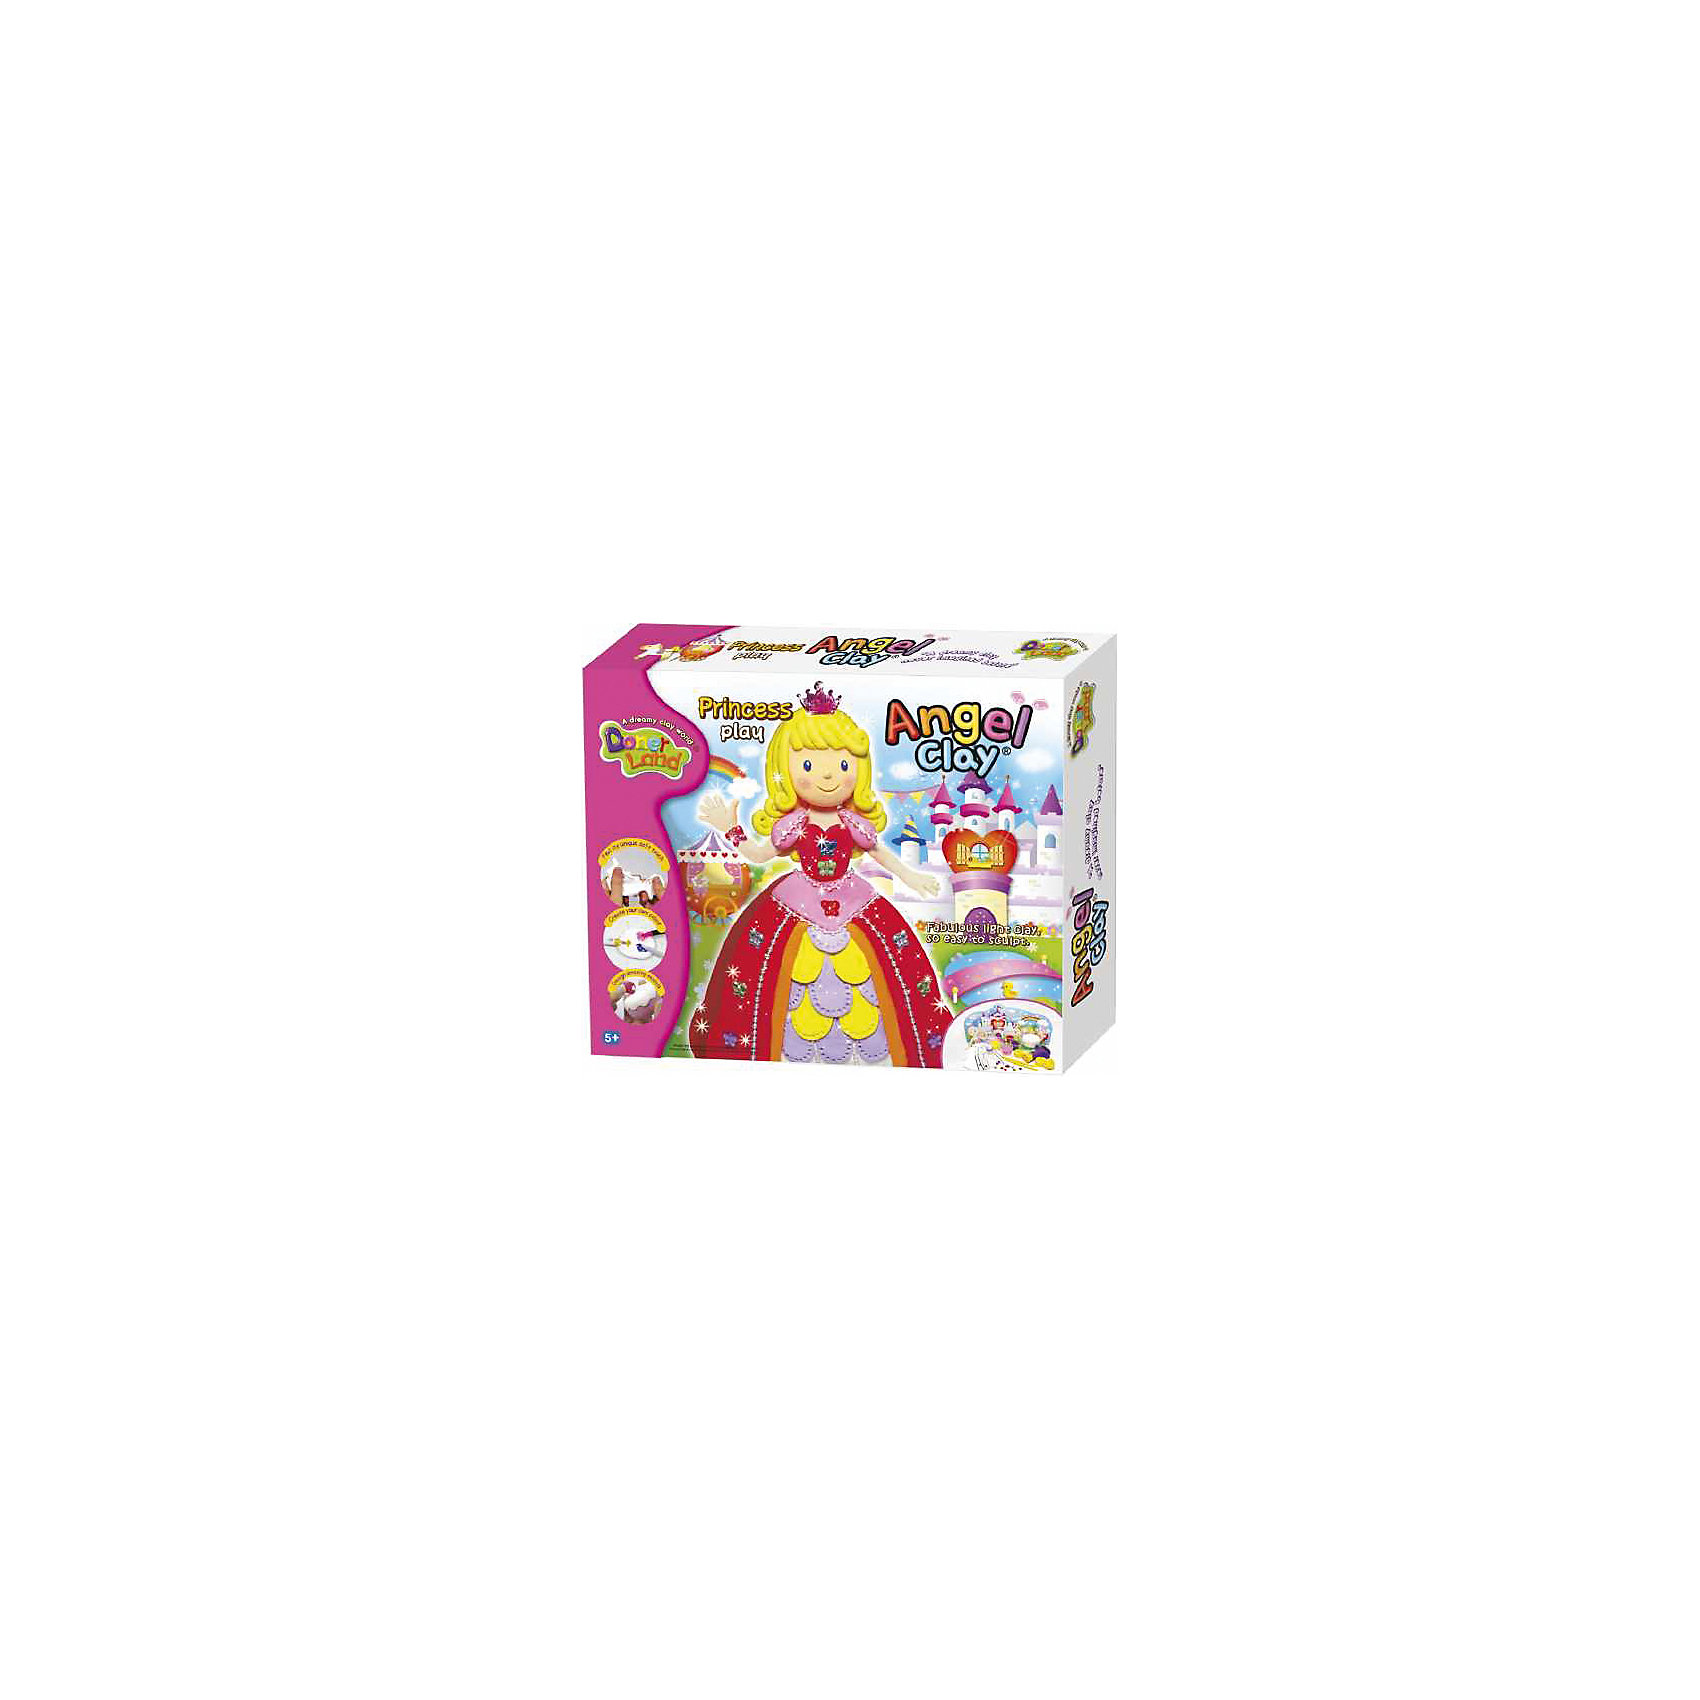 Игровой набор для лепки из глины  Princess Play, Angel ClayЛепка<br>Очень мягкая и легкая глина для лепки. Она прекрасно лепится, быстро принимает любую текстуру и хорошо окрашивается в любой цвет.<br>А если смочить глину водой и подождать пару часов, она снова будет готова к использованию!<br>С таким набор Ваш ребенок сможет лепить и придумывать разных зверюшек сколько ему захочется!<br><br>В наборе:<br>- Легкая глина: белая 40 гр., фиолетовая 4 гр., красная 4гр., желтая 4гр., розовая 4гр.<br>- Декорации.<br>- Пресс кондитерский.<br>- Шнур.<br>- Бисер.<br>- Корона.<br>- Бабочка.<br>- Шар бумажный.<br>- Клей.<br>- Инструменты.<br>- Инструкция.<br><br>Дополнительная информация:<br><br>- Возраст: от 5 лет.<br>- Размер упаковки: 30х26,5х6 см.<br>- Вес в упаковке: 400 г.<br><br>Купить игровой набор для лепки из глины Princess Play от Angel Clay, можно в нашем магазине.<br><br>Ширина мм: 300<br>Глубина мм: 265<br>Высота мм: 60<br>Вес г: 400<br>Возраст от месяцев: 60<br>Возраст до месяцев: 96<br>Пол: Женский<br>Возраст: Детский<br>SKU: 4823372